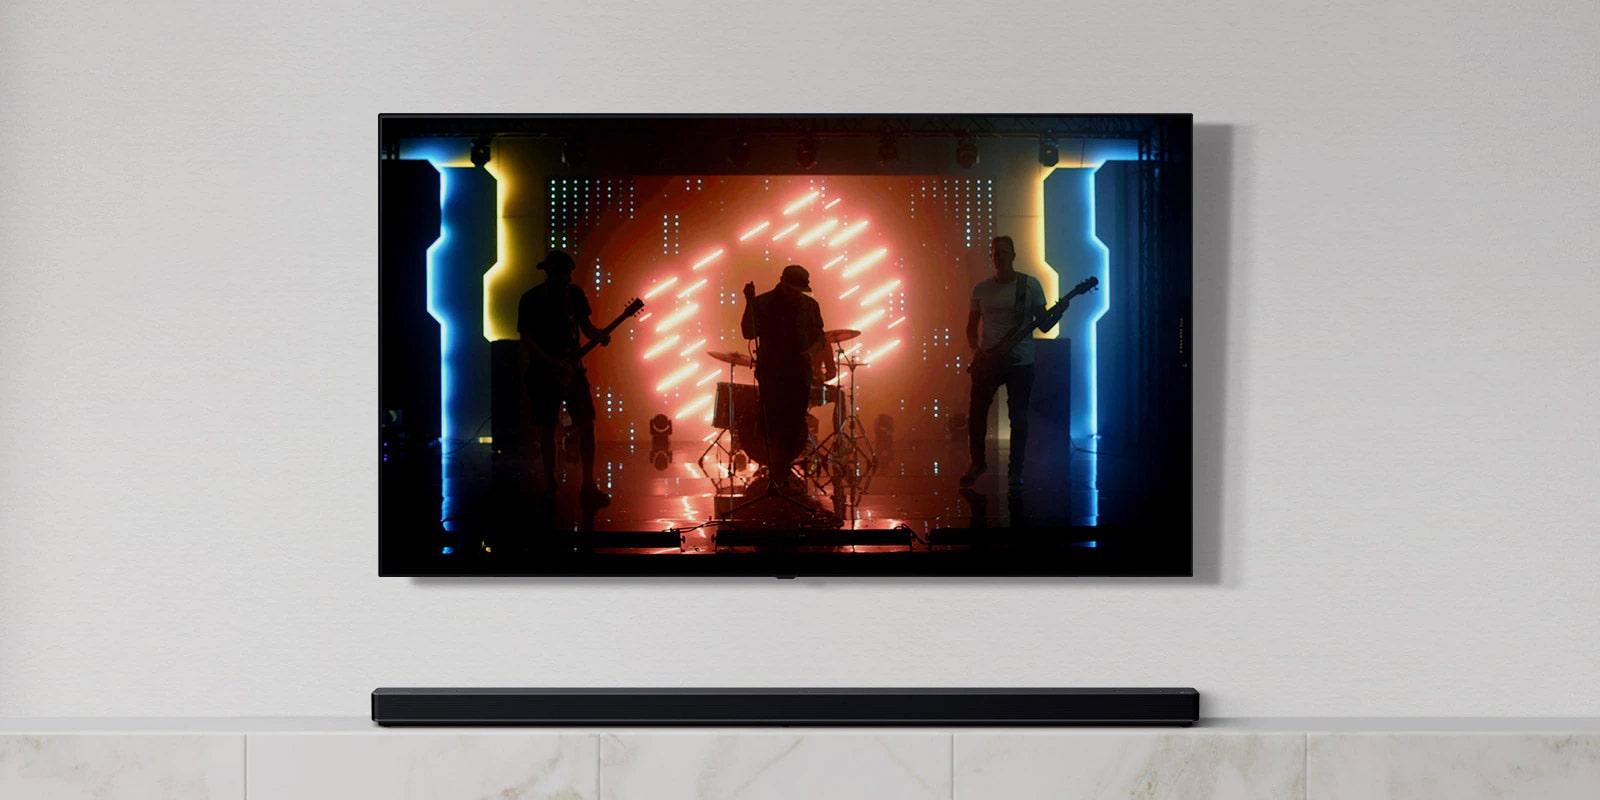 TV và loa soundbar trong phòng khách màu trắng. Một ban nhạc đang chơi nhạc cụ và hát trên màn hình TV. (phát video)